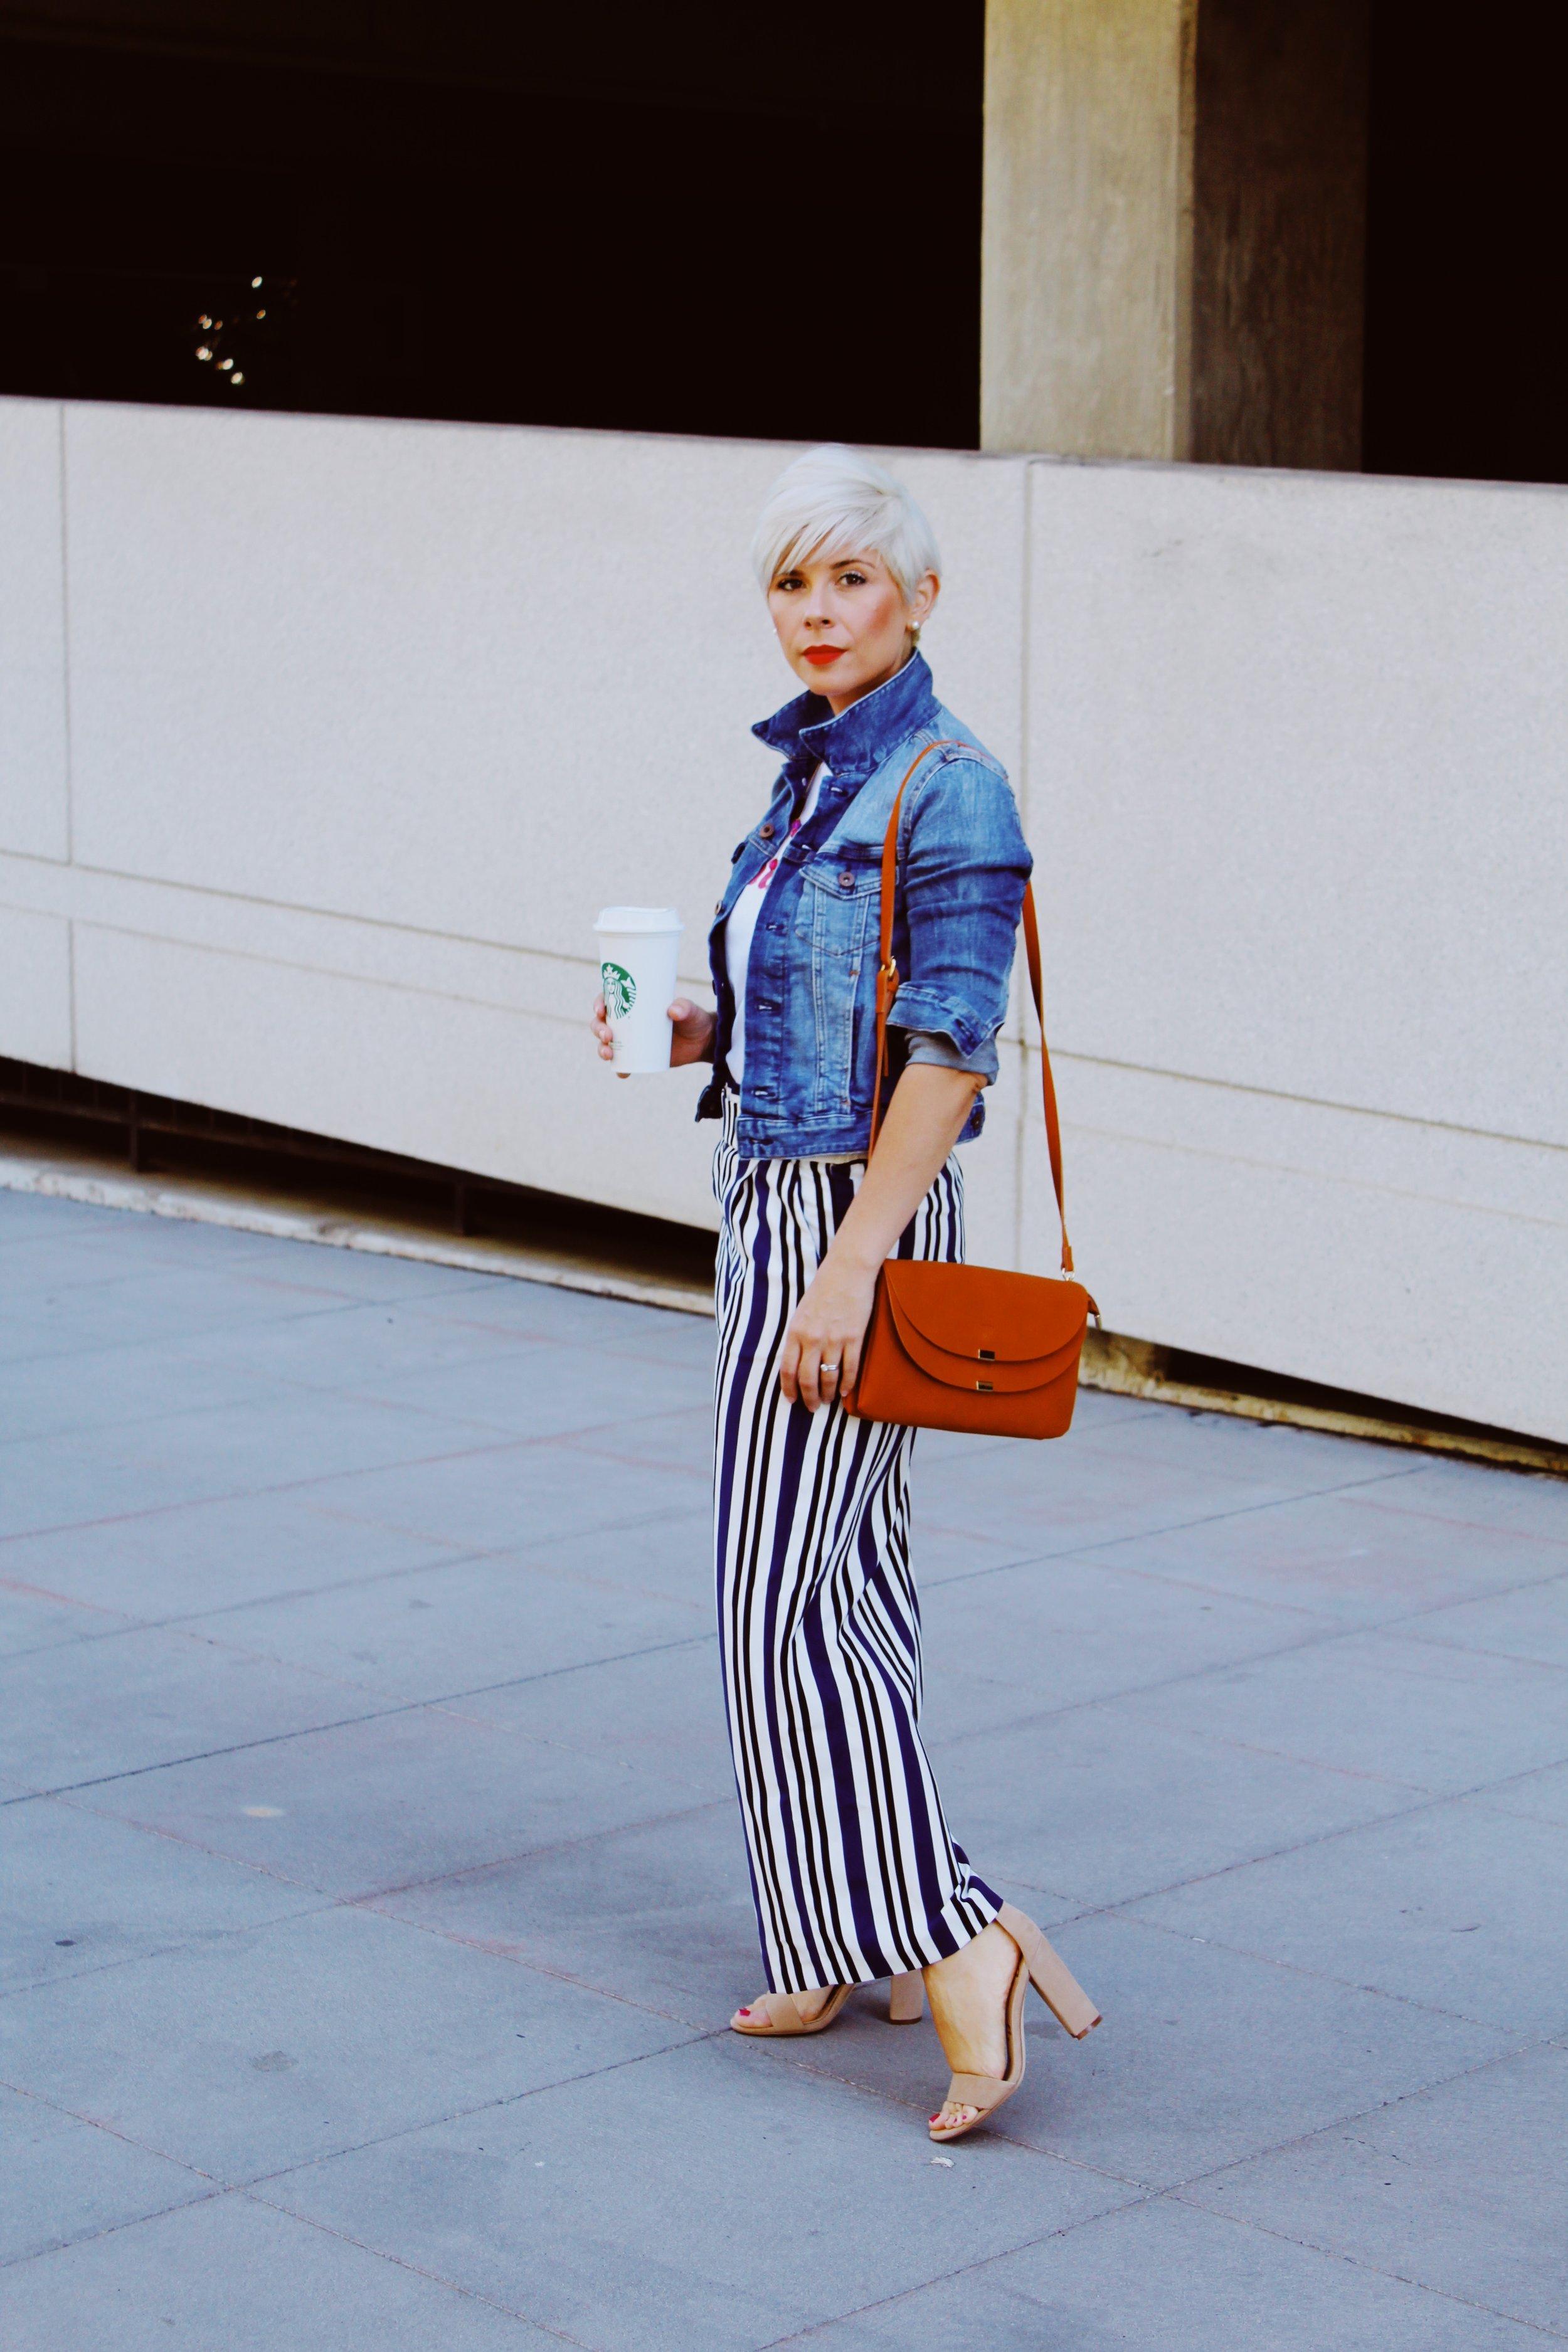 stripedpantsjeanjacketendofsummeroutfitideaslibierblogger_k33ANE.JPG